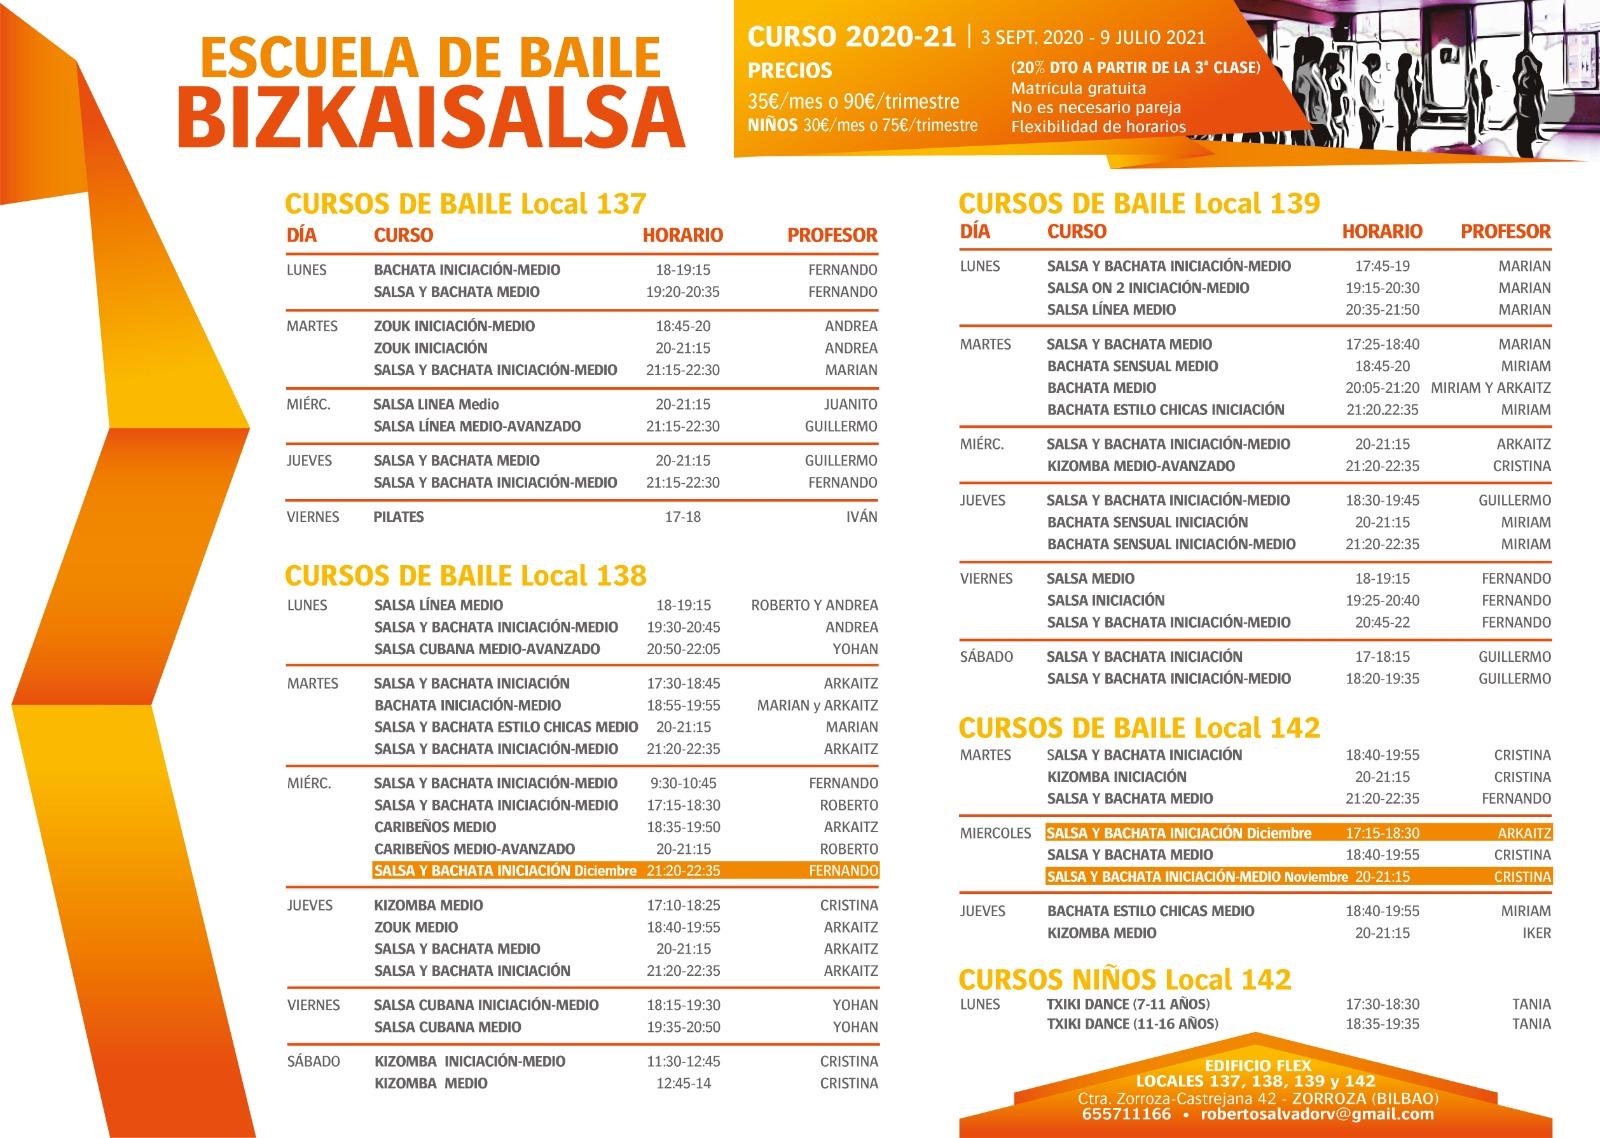 horarios clases Bizkaisalsa